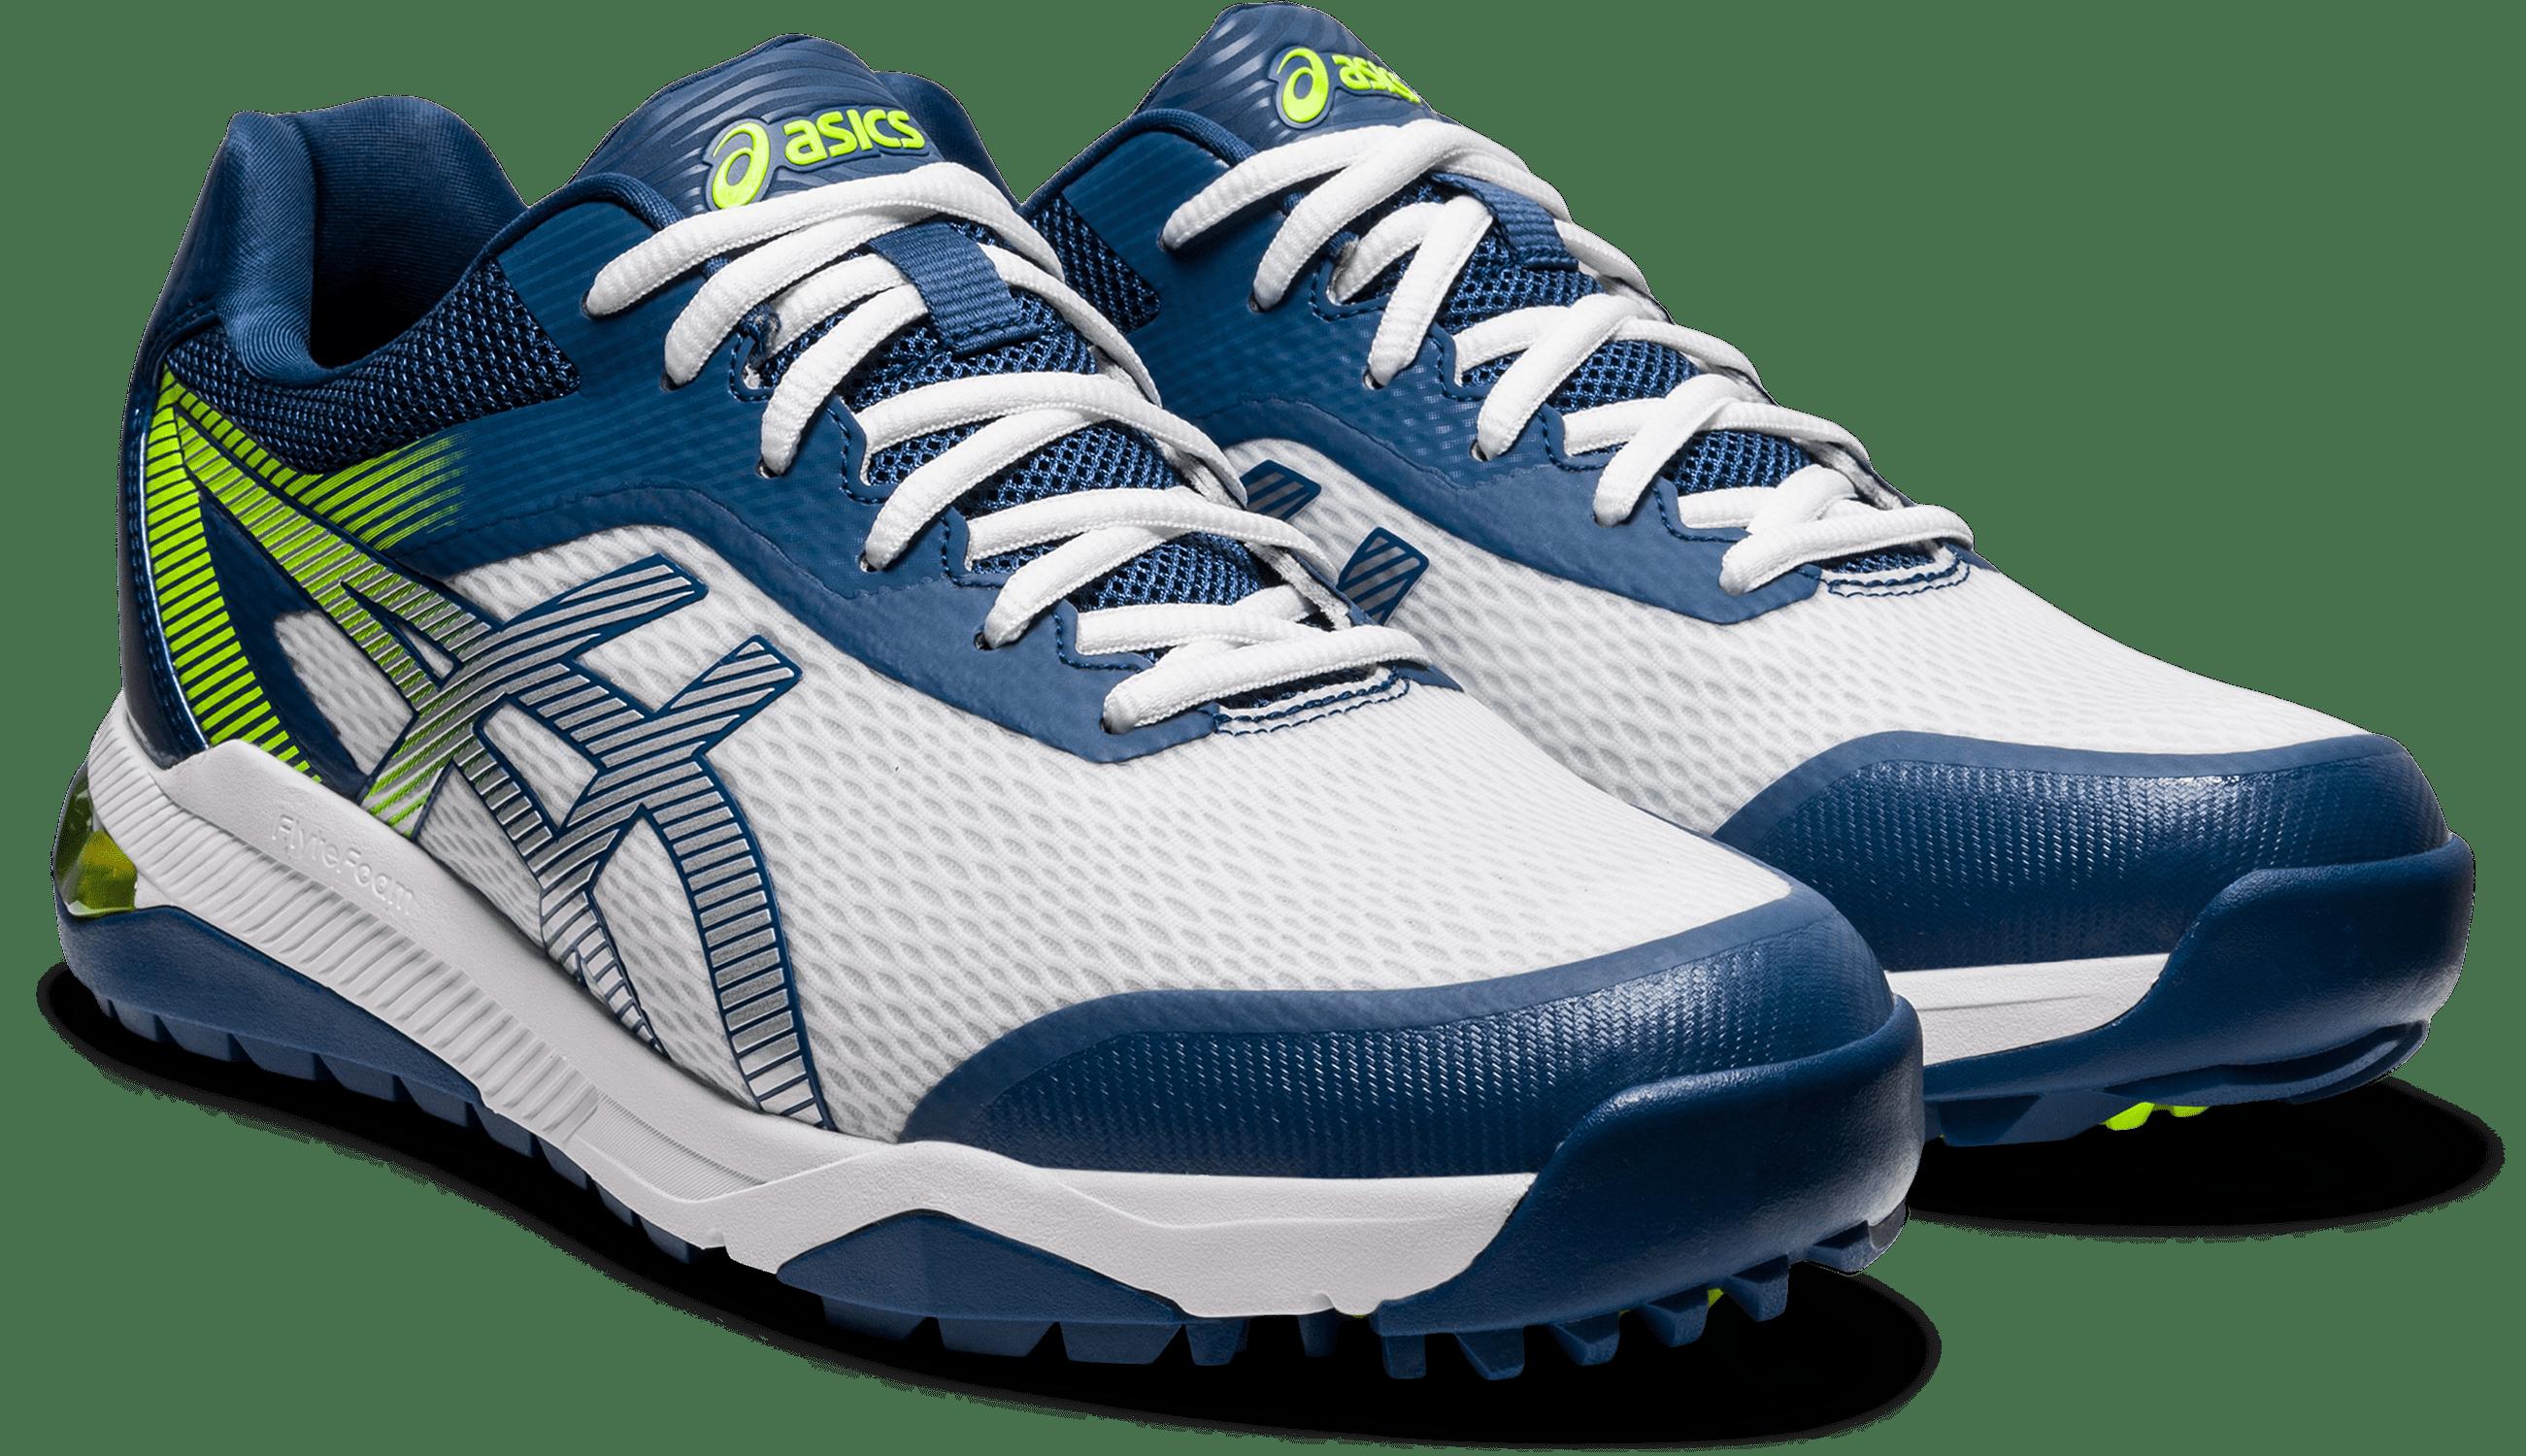 Srixon/ASICS Announces New GEL-Course ACE Golf Shoes |